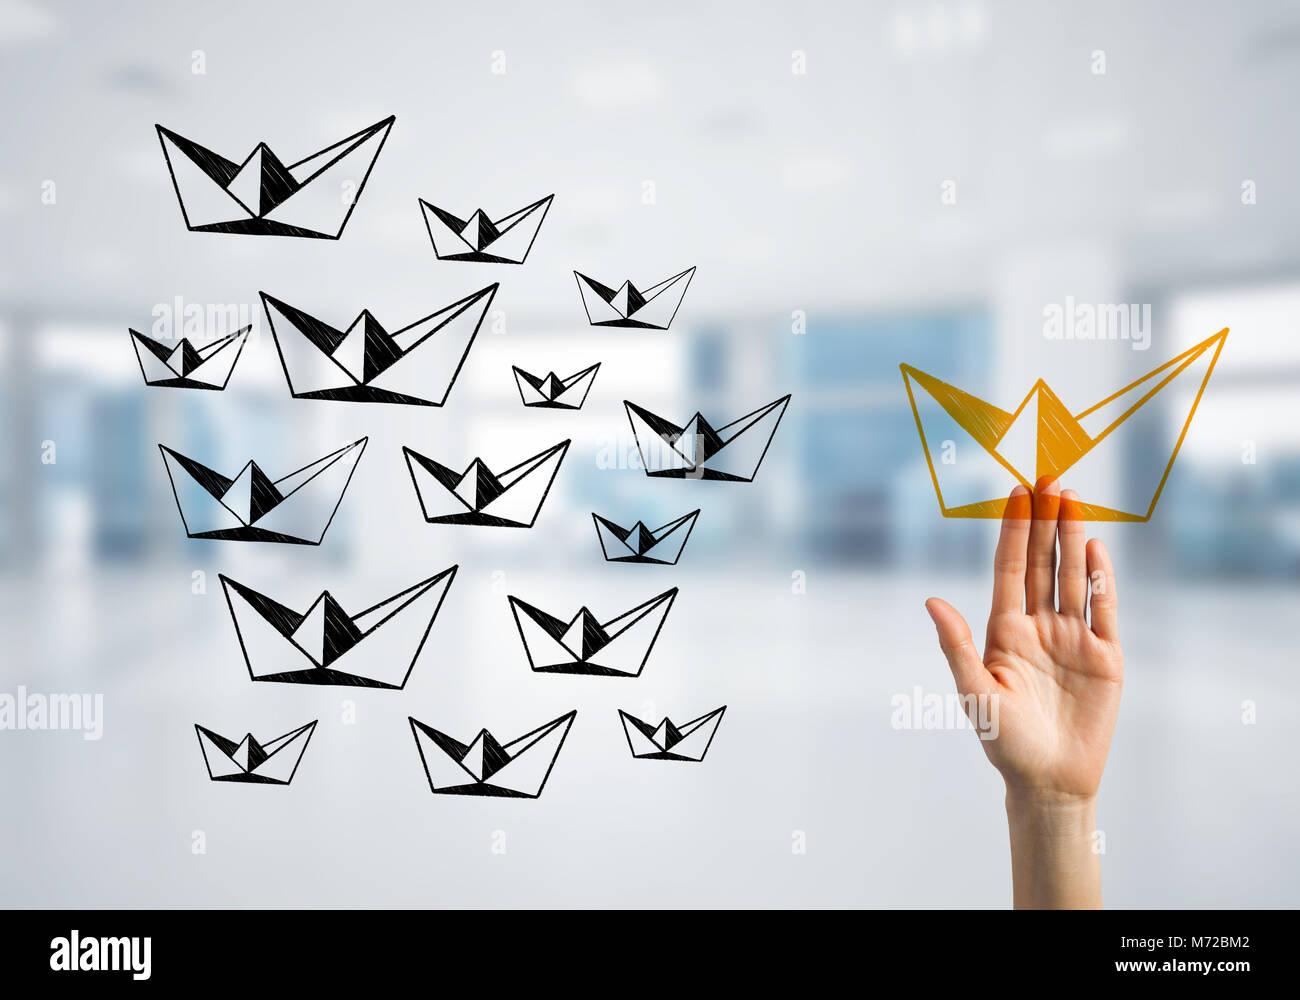 Konzept der Führung und Teamarbeit mit vielen Symbolen und einer von ihnen abheben Stockbild